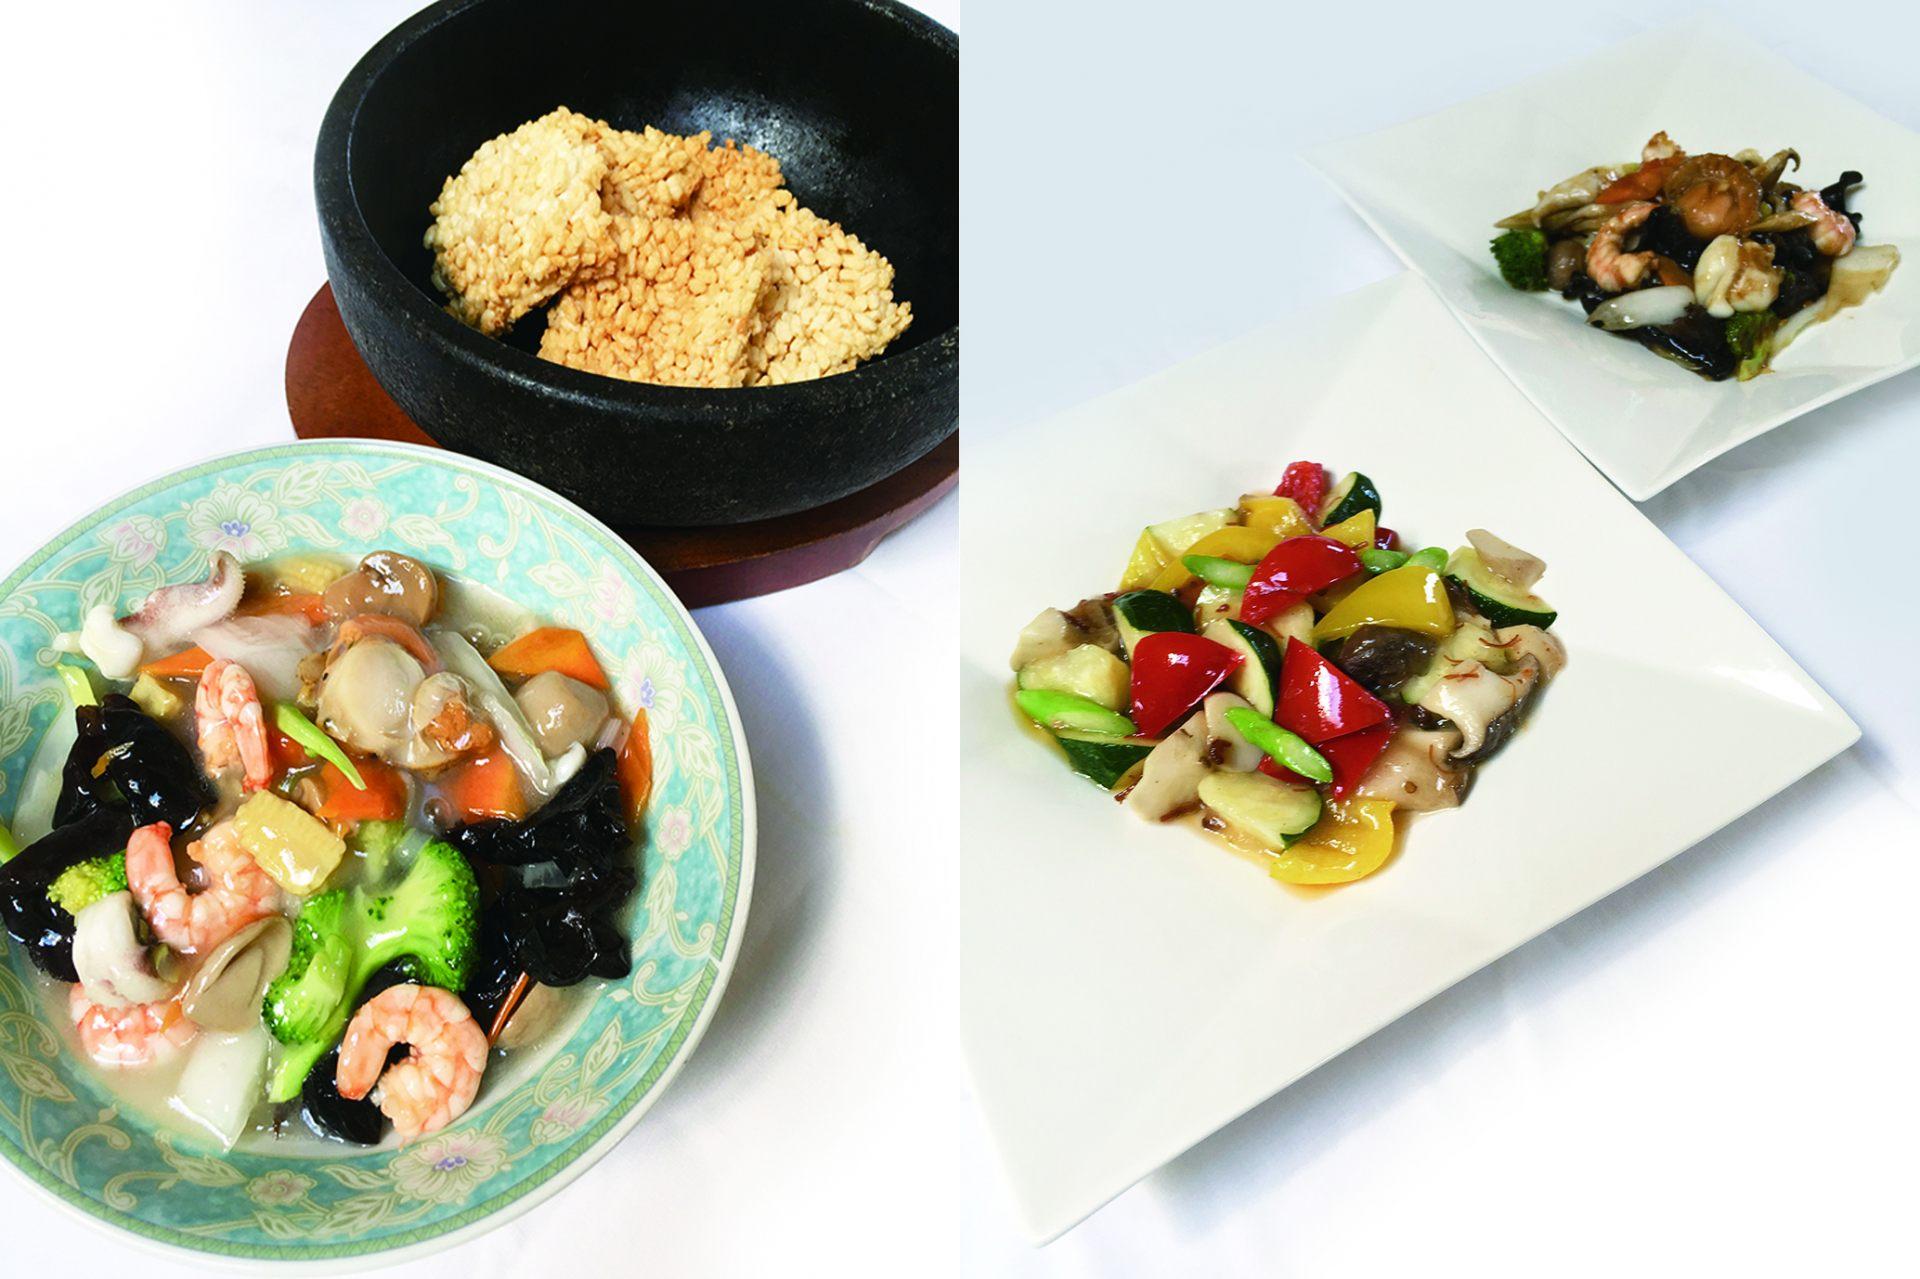 餐廳「こも(komo)」的各種美食